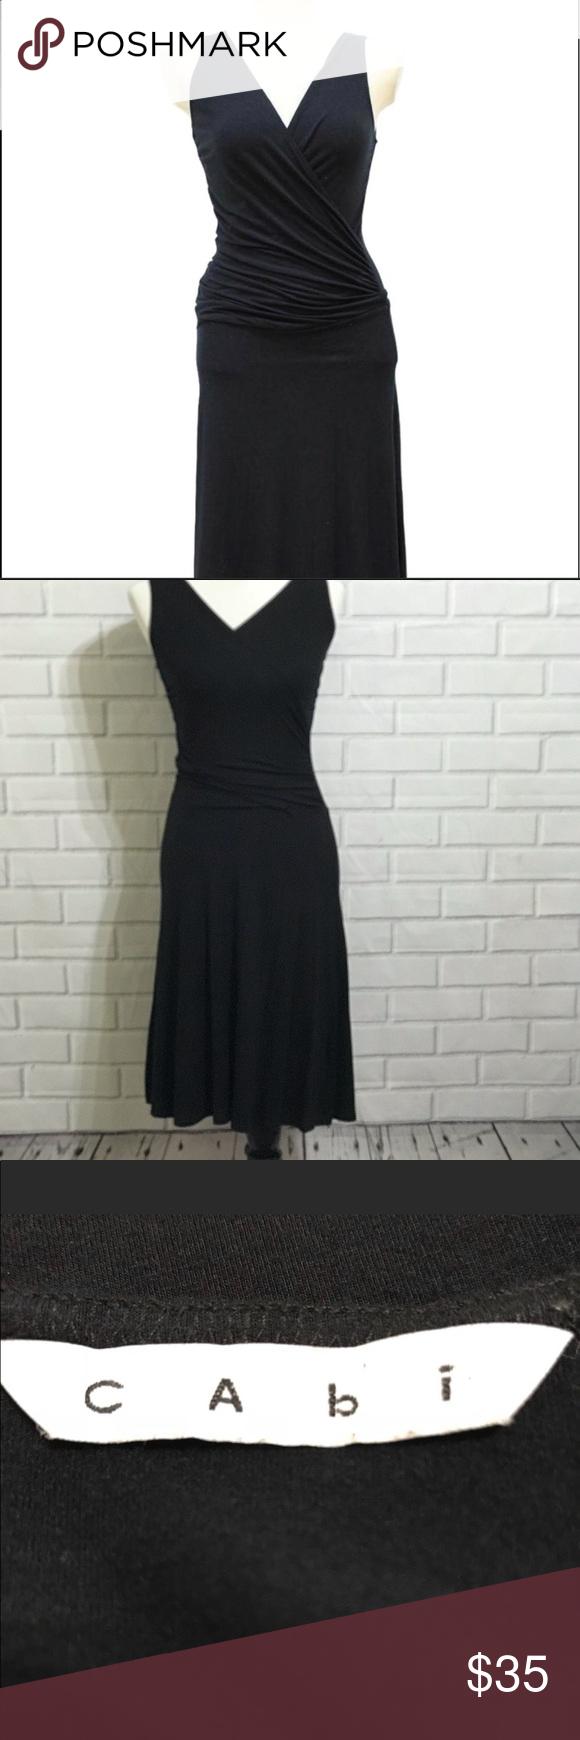 325a6b32a86 NWT CAbi After Five Black Dress Size XS Black Cabi After Five Dress. Size XS